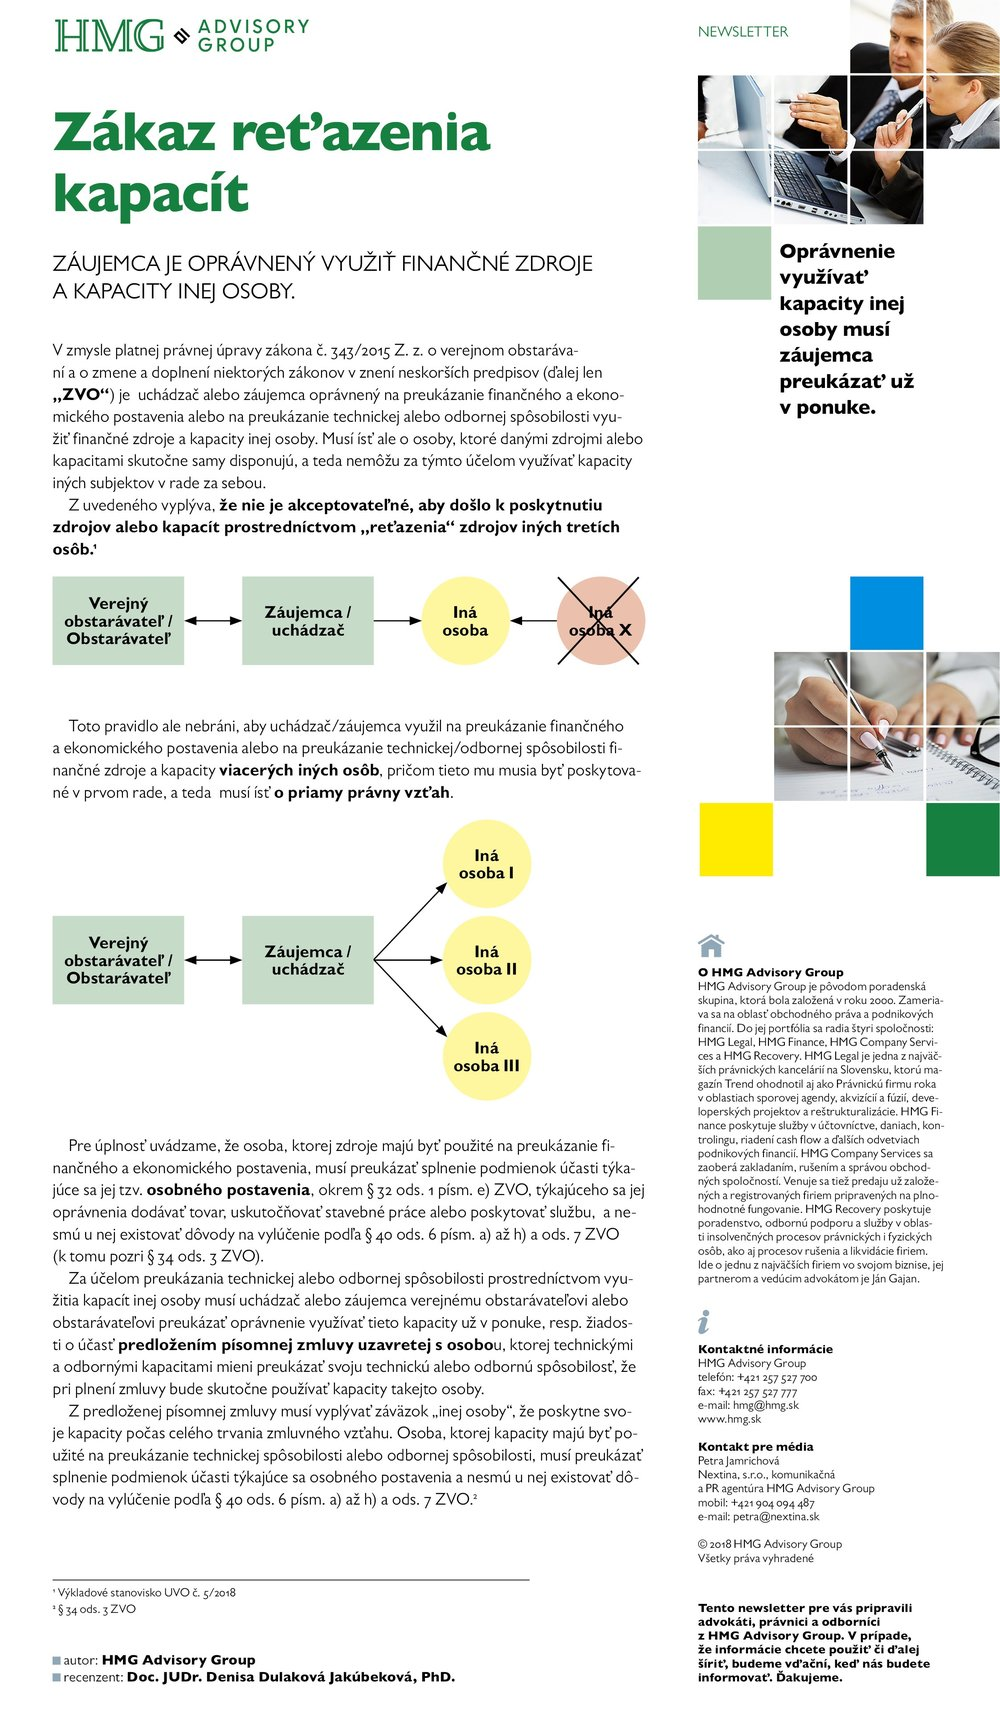 HMG_newsletter_zakaz kapacit 2.jpg